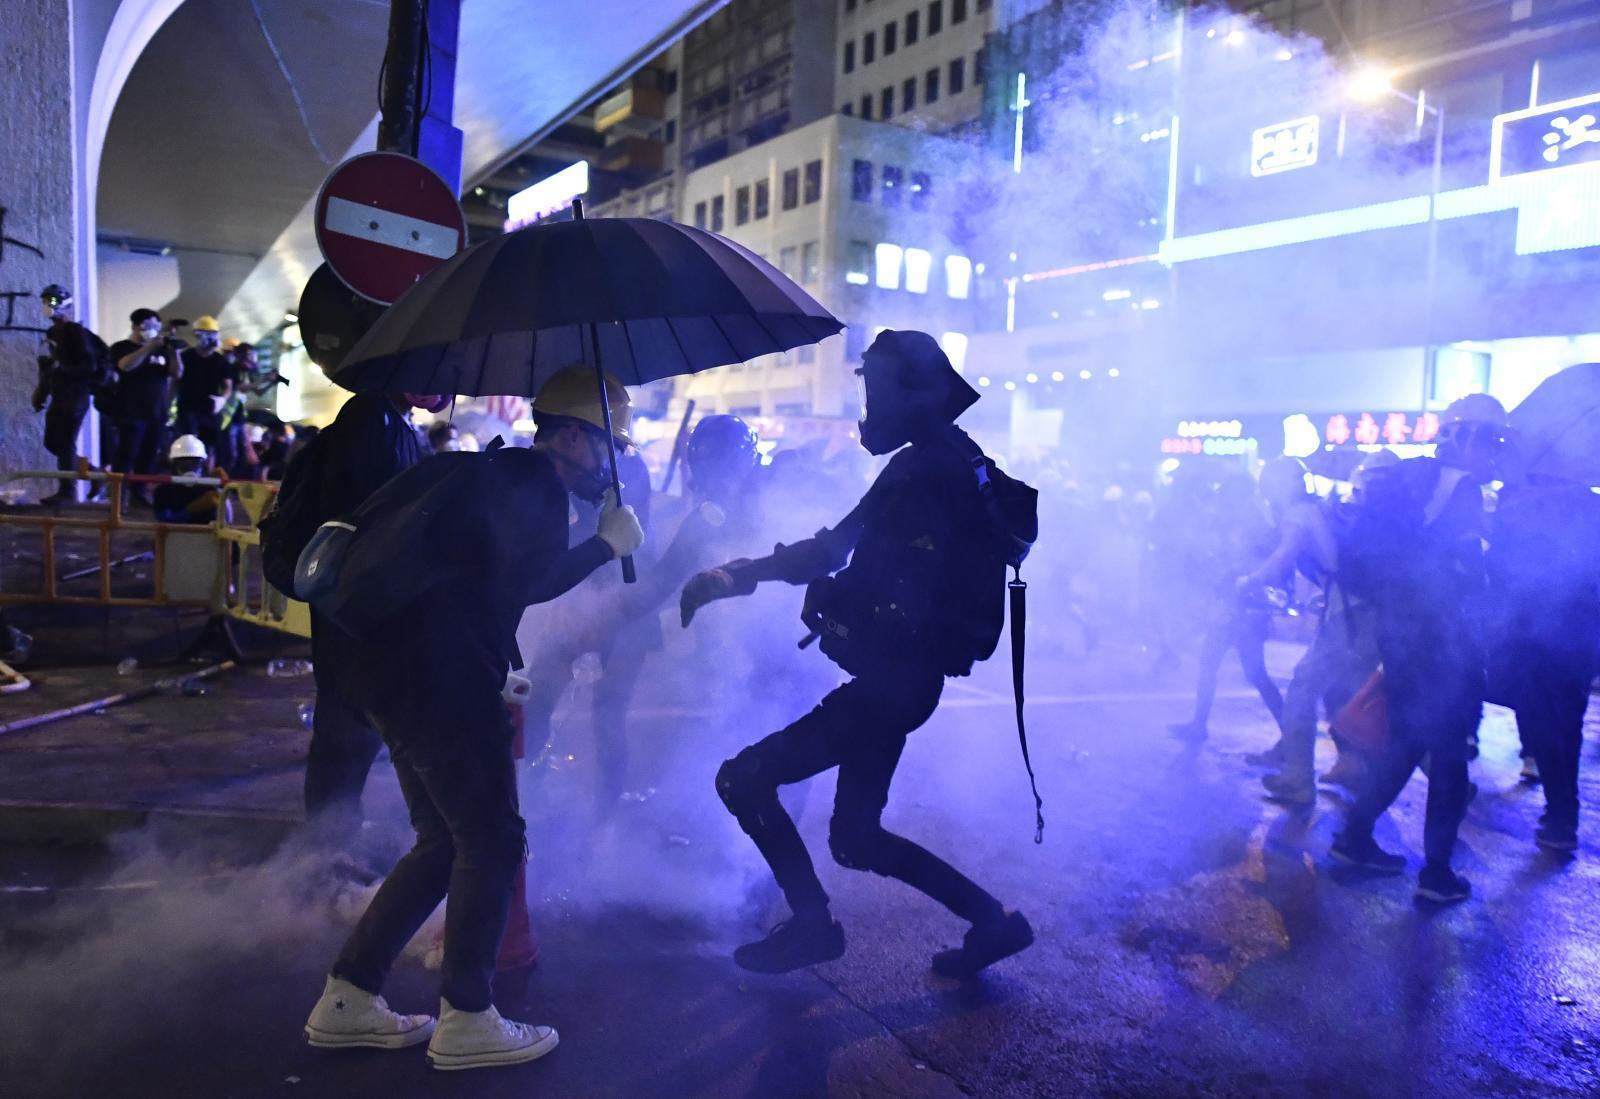 ส.ส.ประชาธิปไตยฮ่องกงชี้ถ้อยแถลงจีนเป็นการสุมไฟ